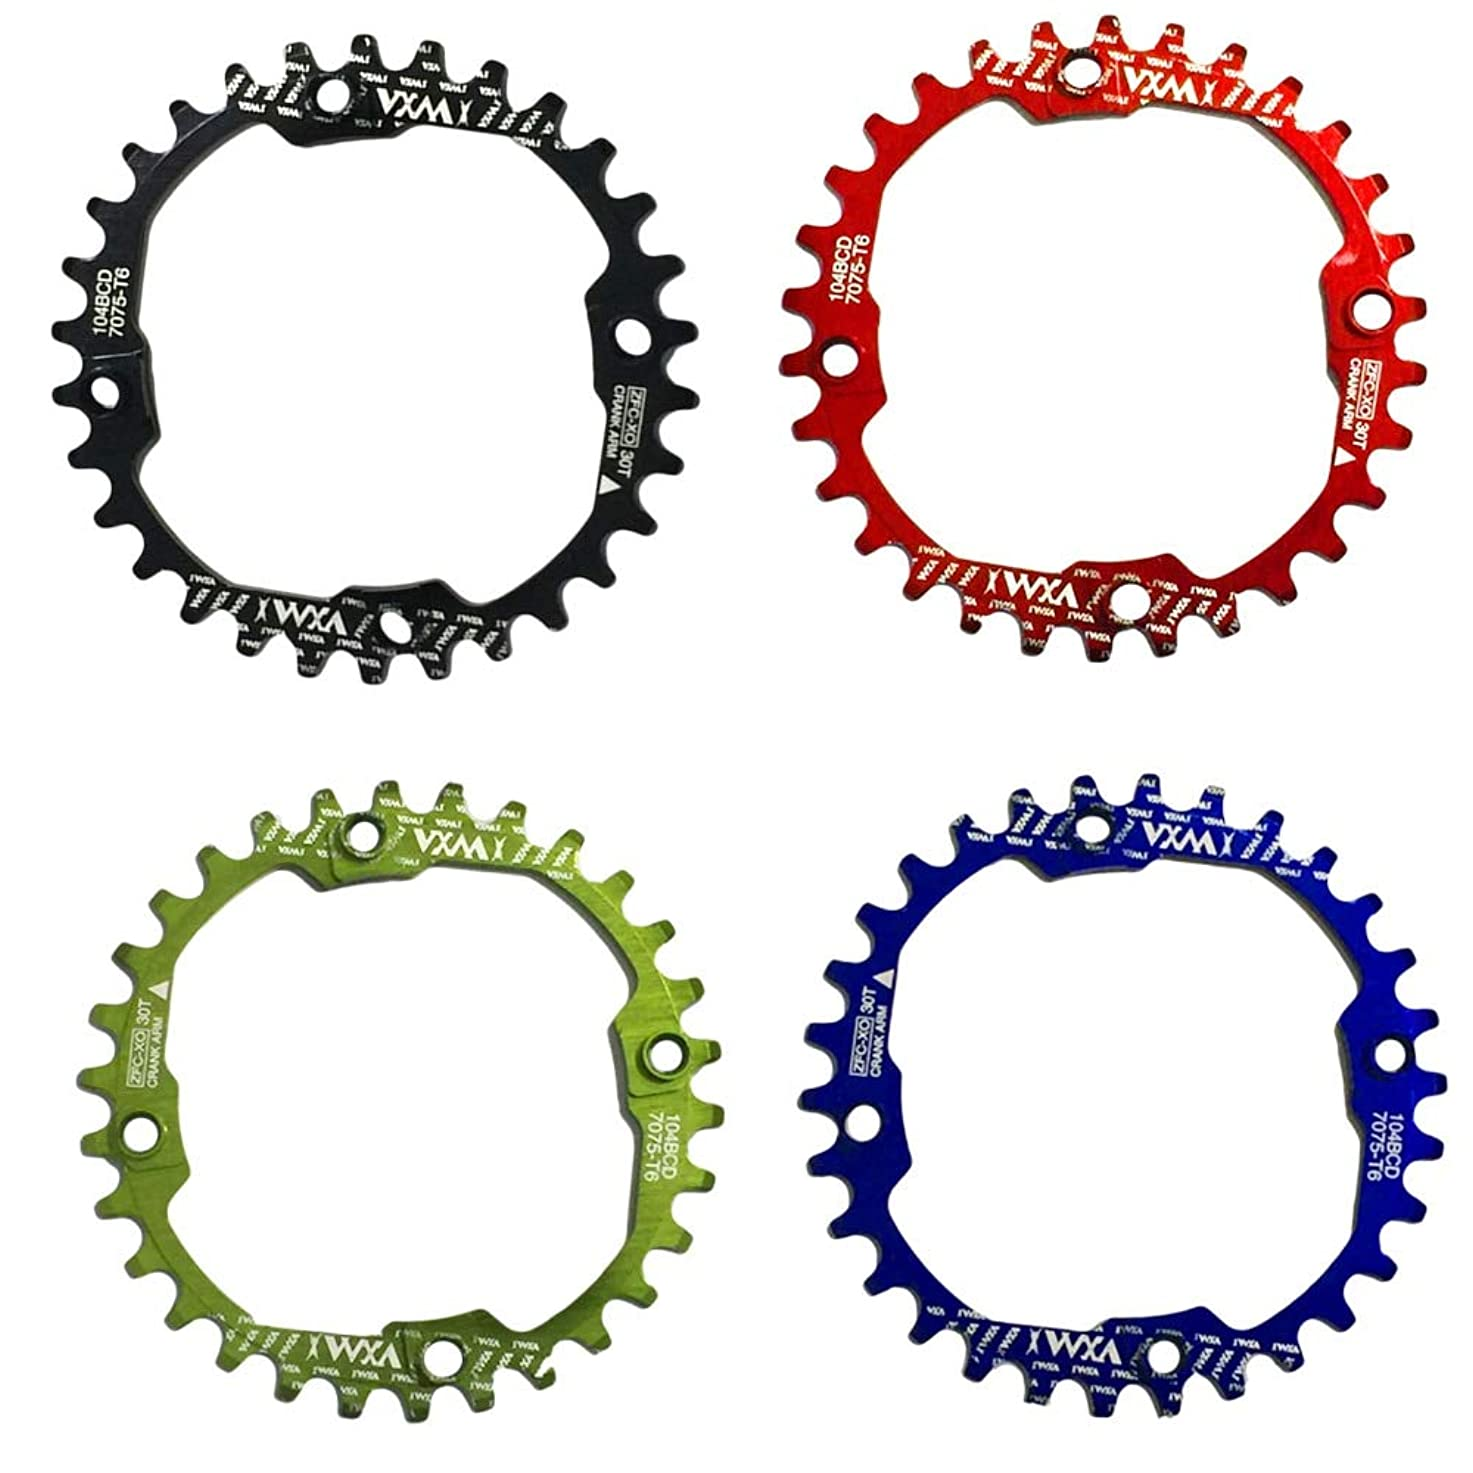 特定の落とし穴船外Propenary - 1PC Bicycle Chainwheel Crank 30T 104BCD Aluminum Alloy Narrow Wide Chainring Round Bike Chainwheel Crankset Bicycle Parts [ Red ]